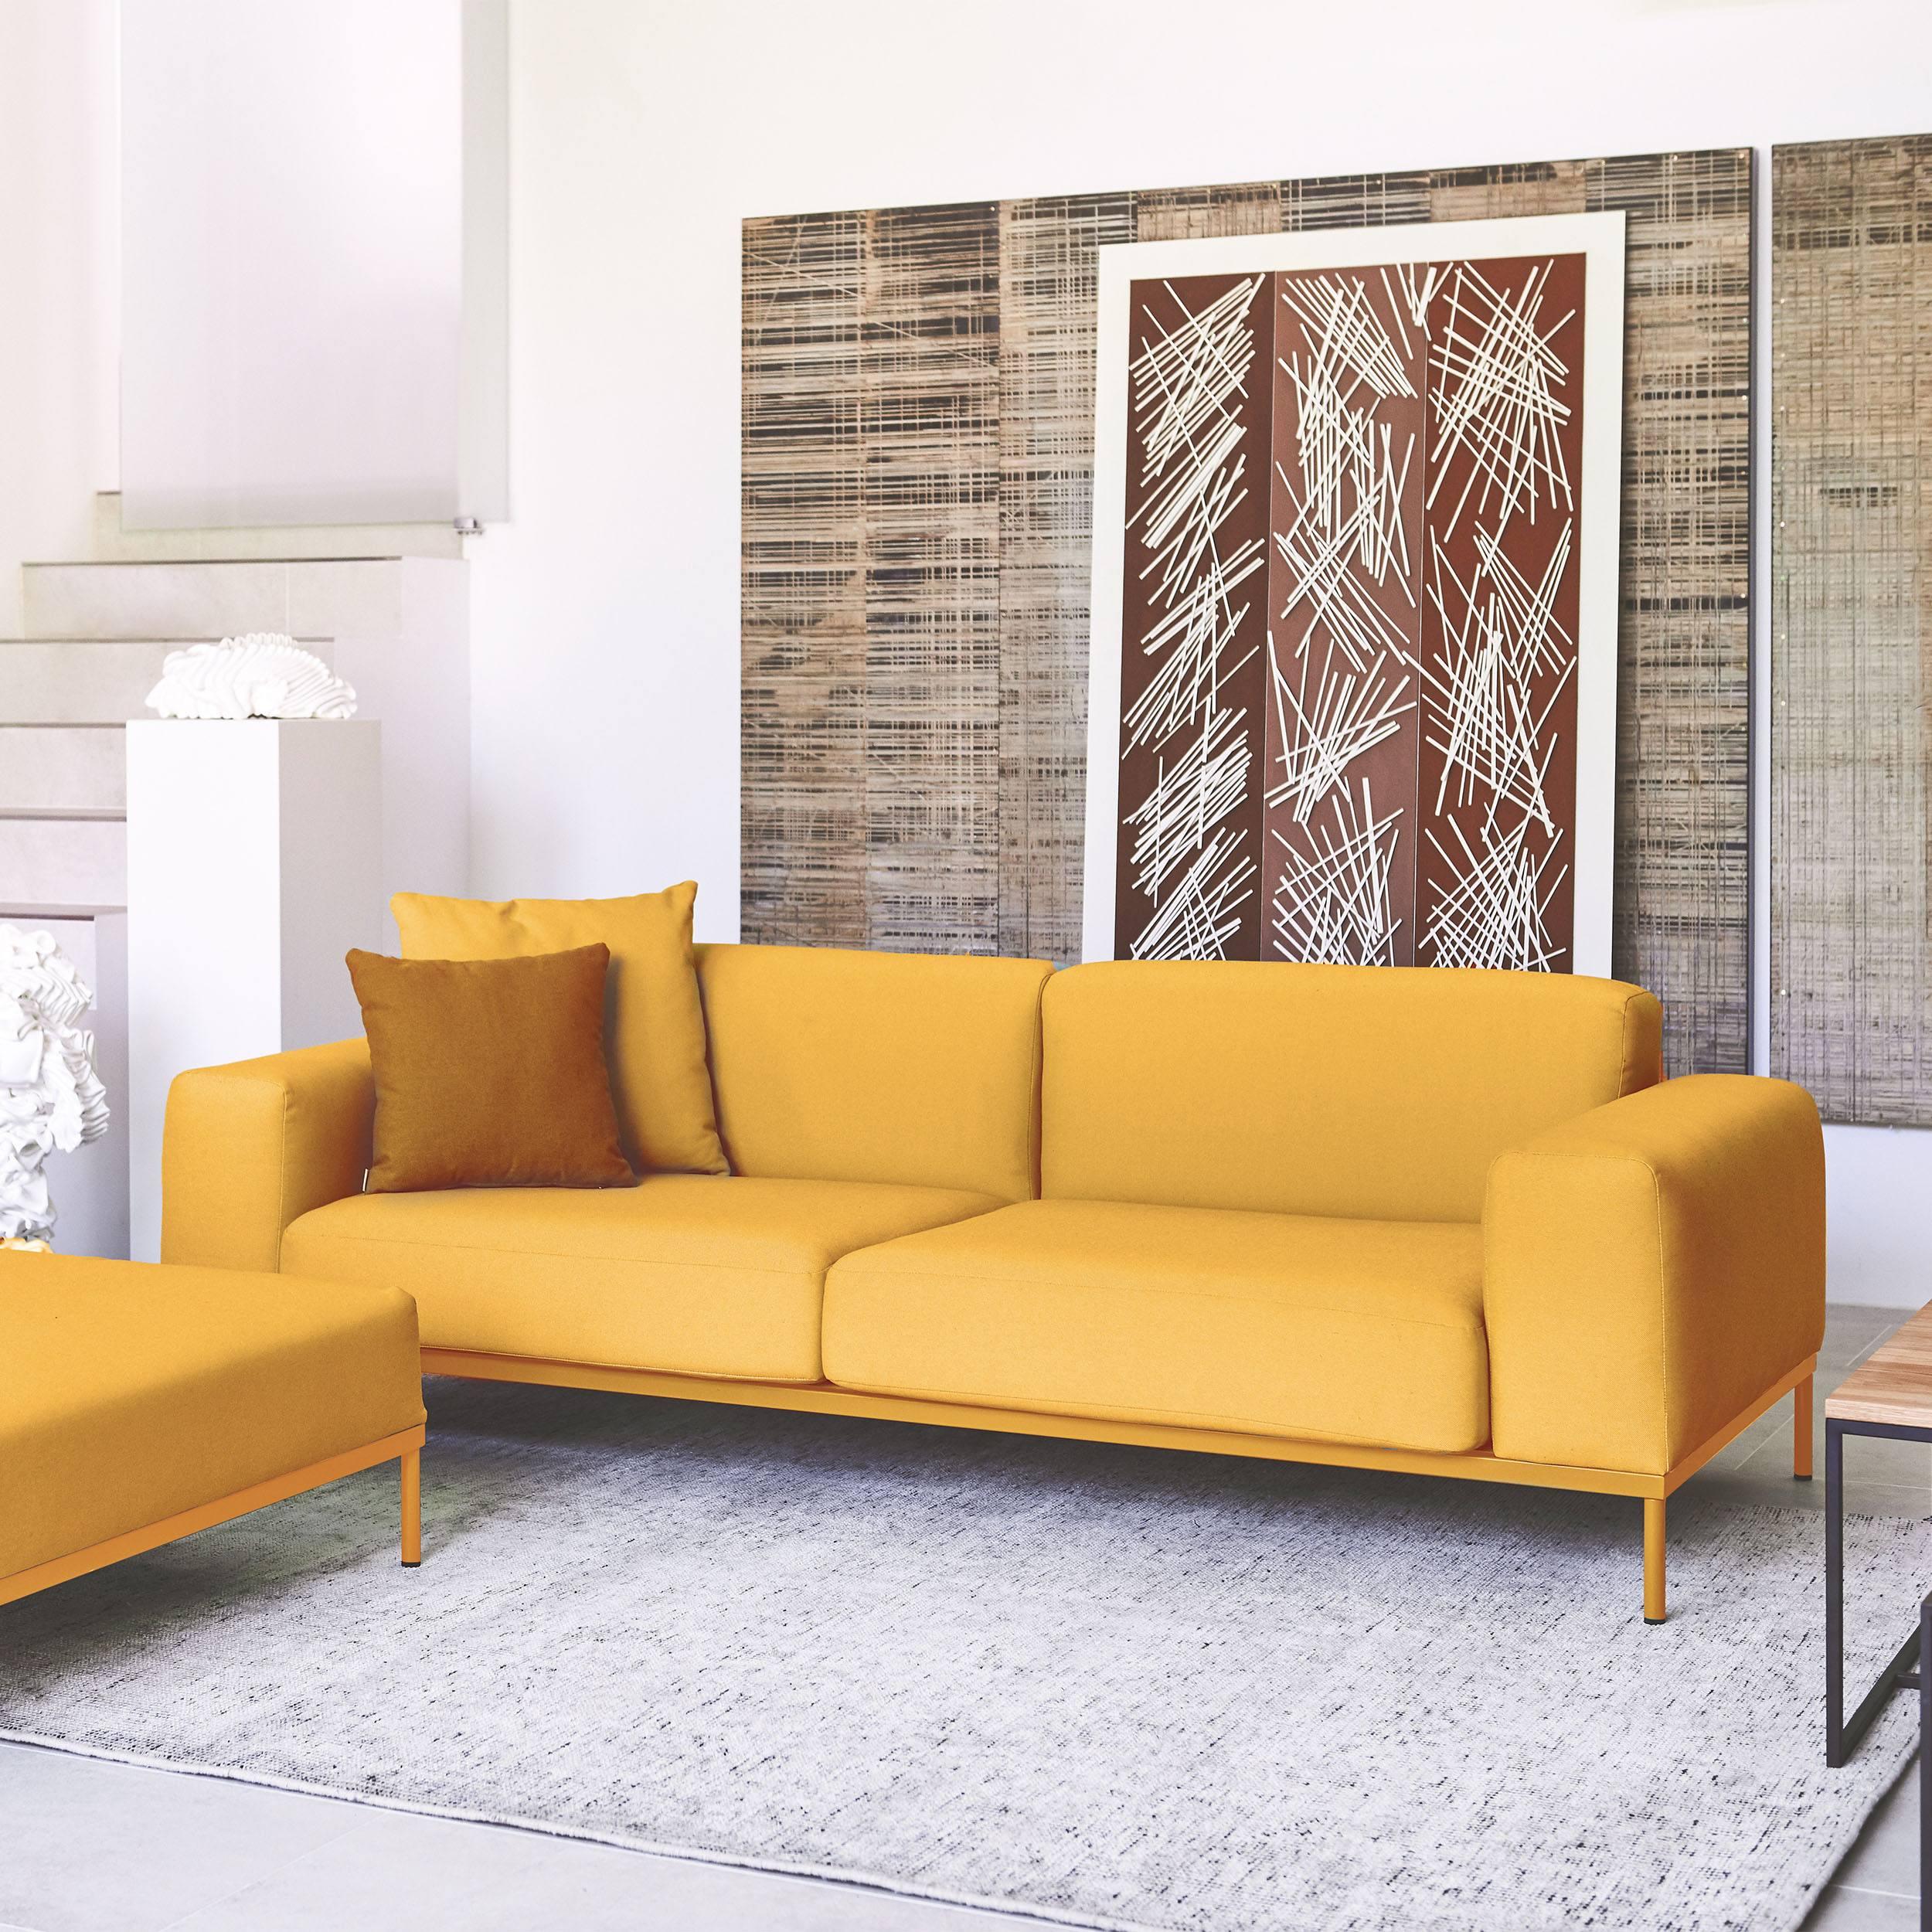 The Duke 3-Sitzer Sofa